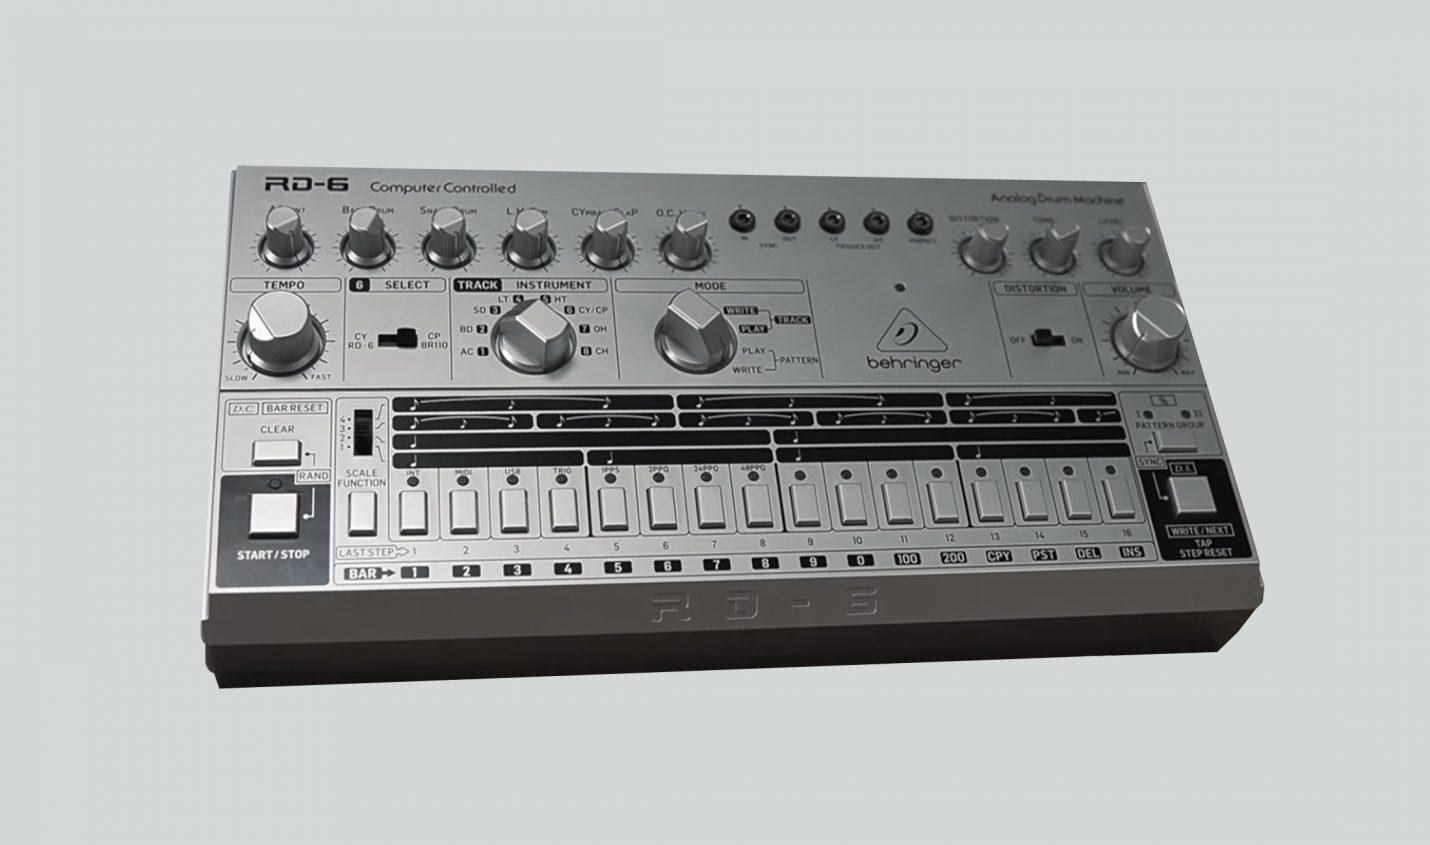 Behringer RD-6: Klon der Roland TR-606 und Begleiter für TD-3 - DJ LAB